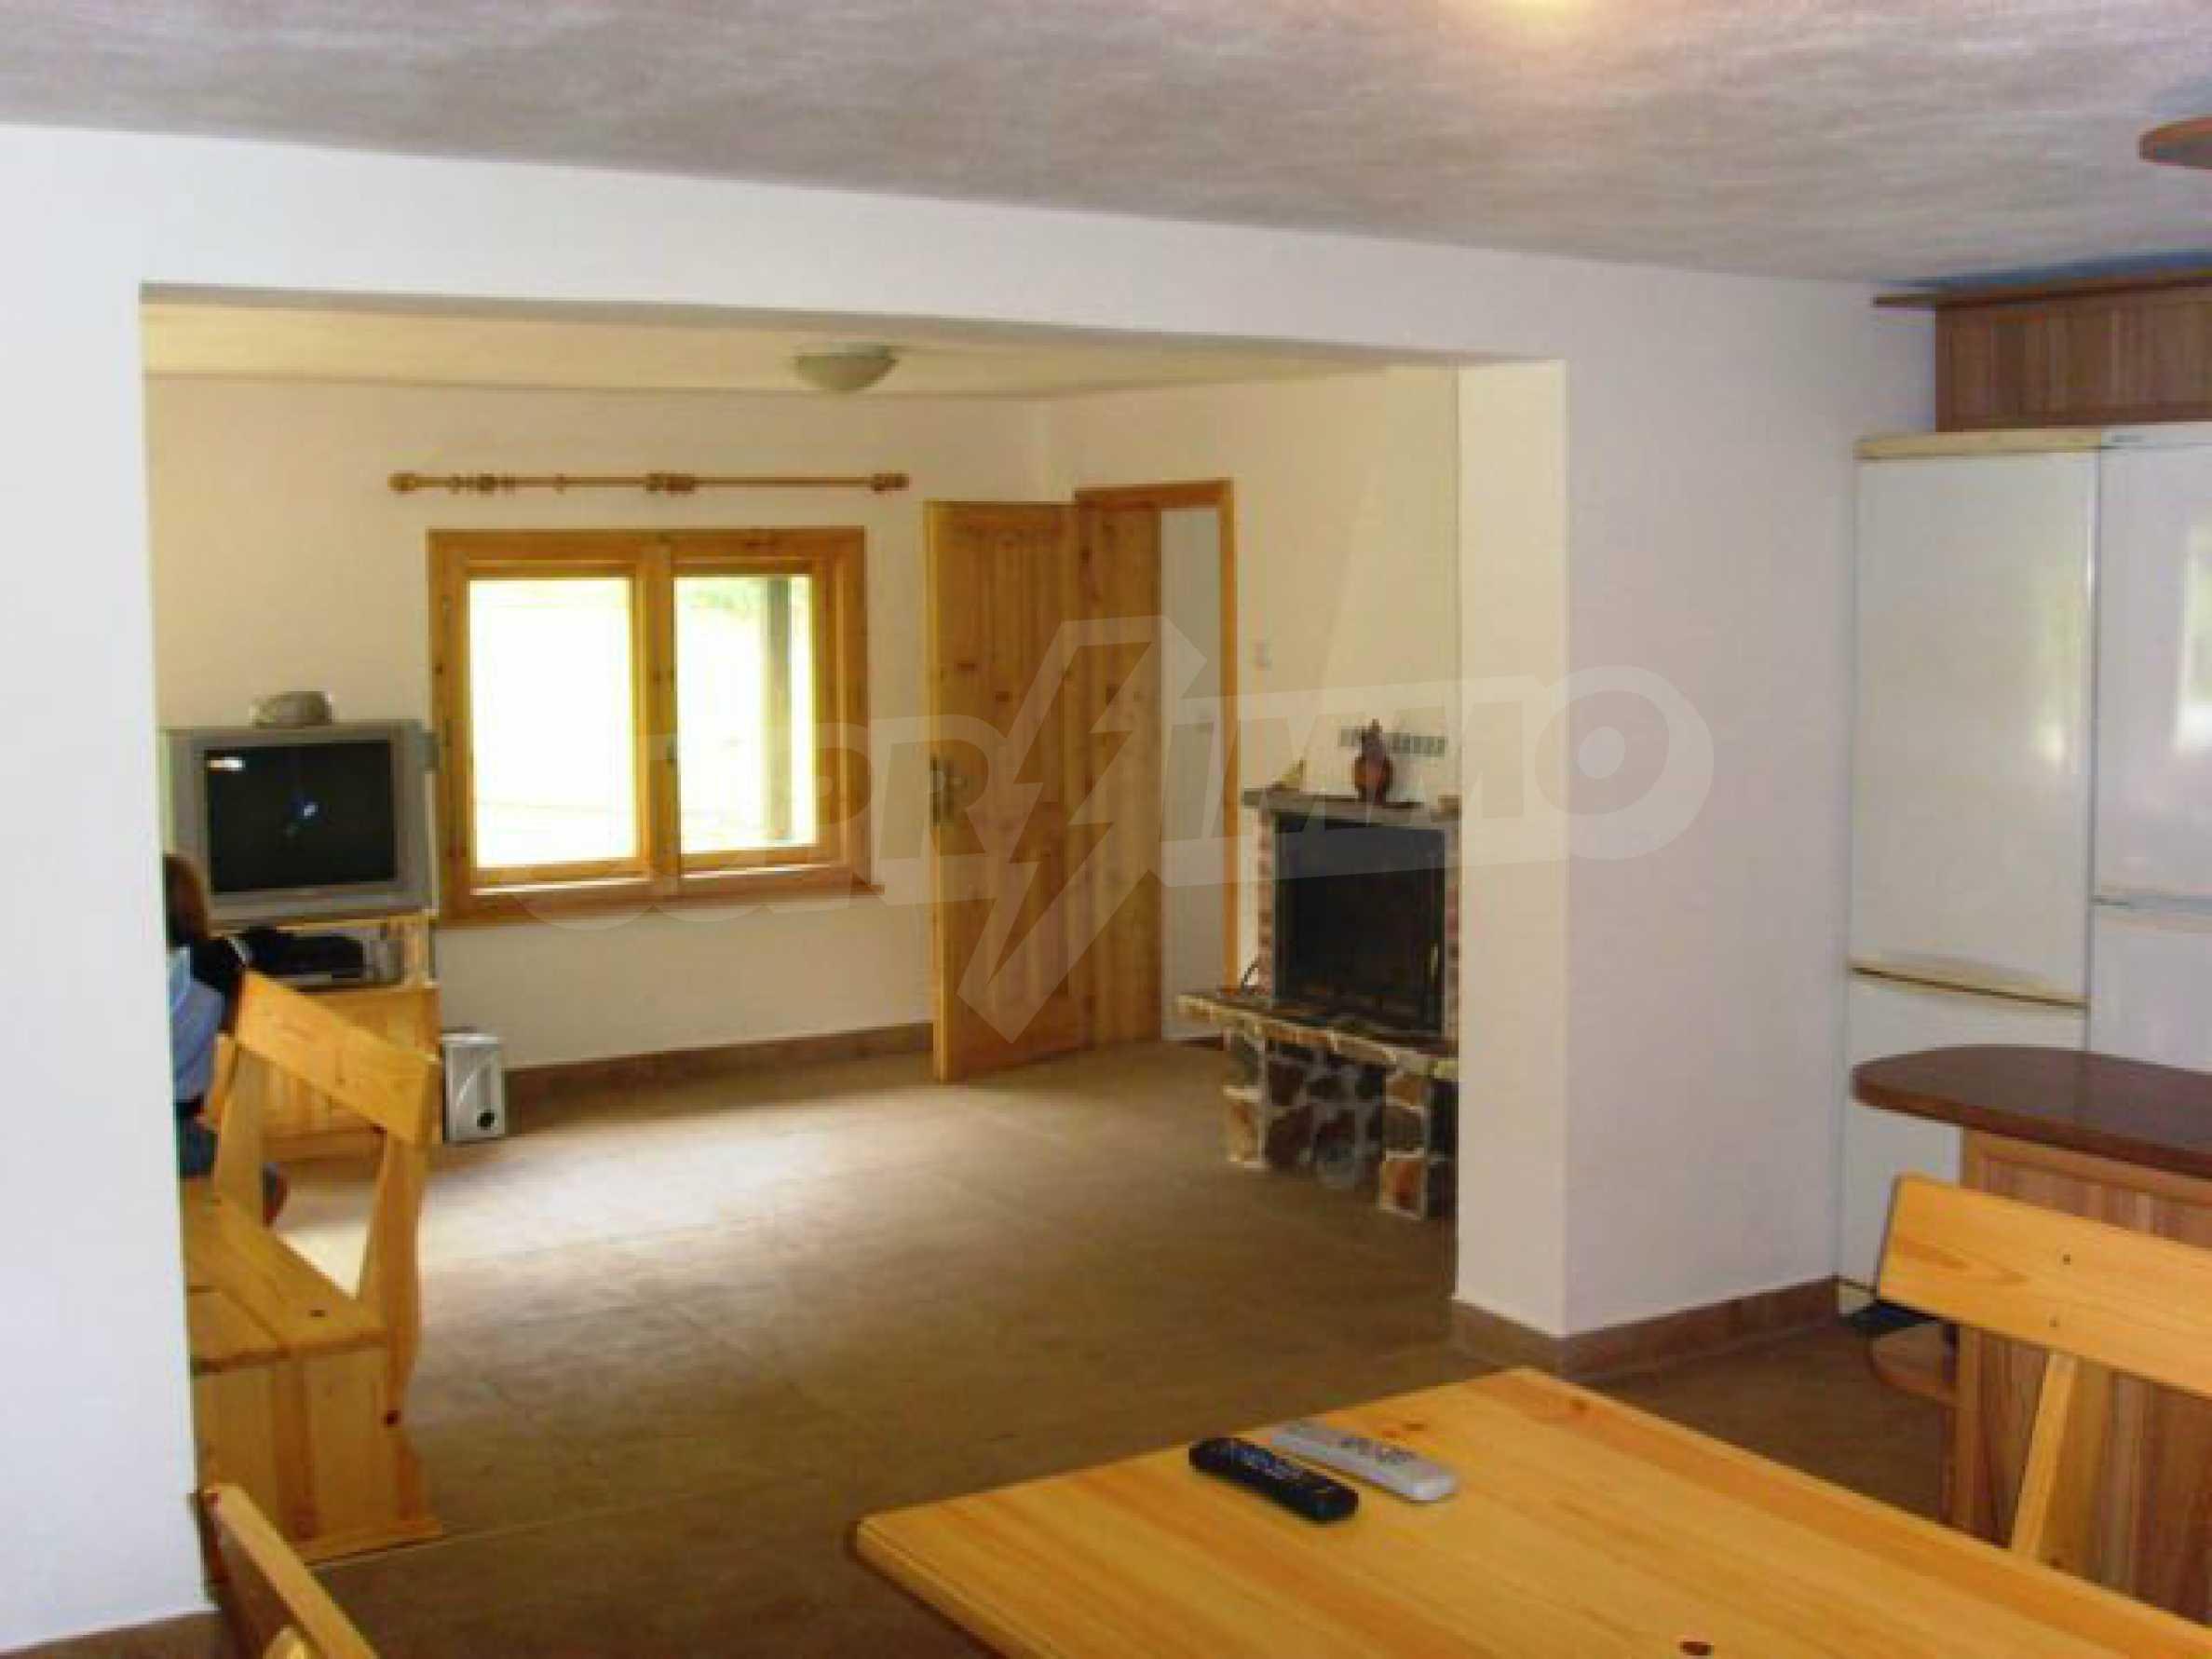 Geräumiges, voll möbliertes und ausgestattetes zweistöckiges Haus in Ribaritsa 23